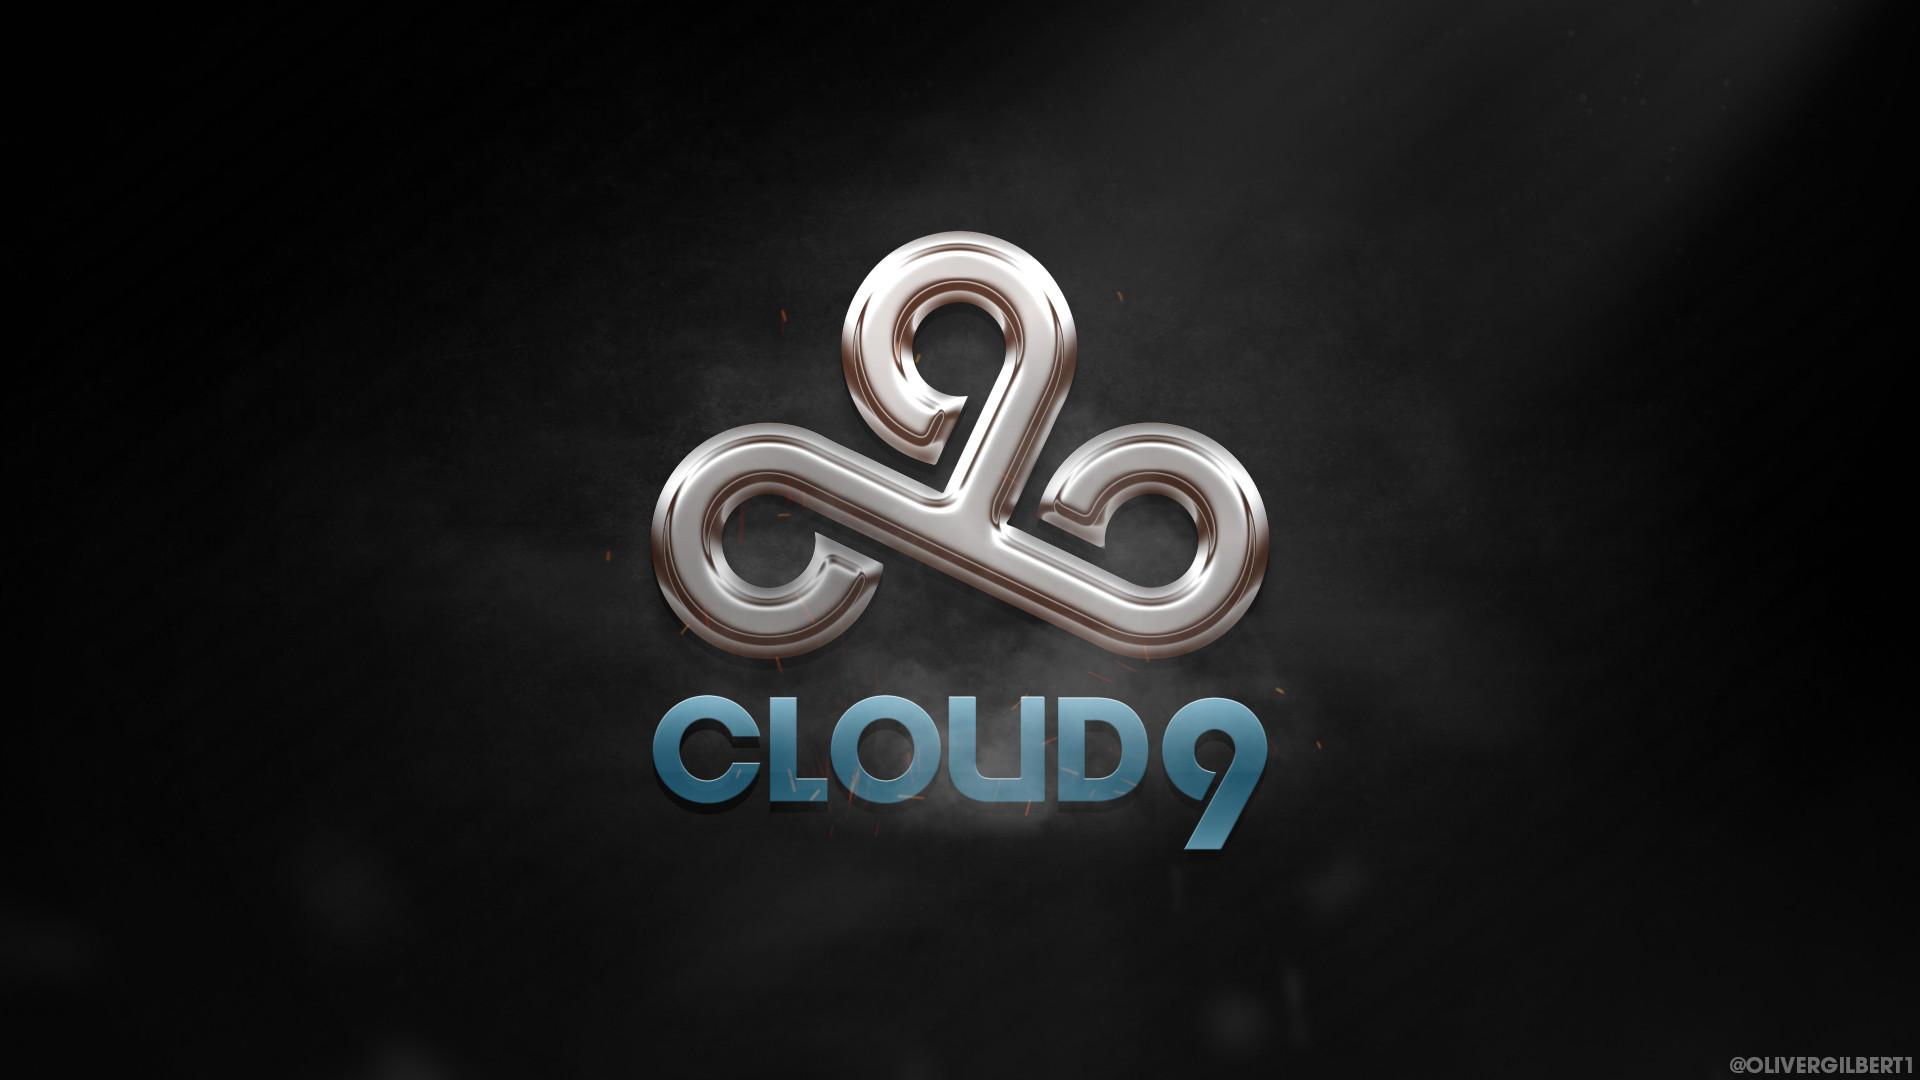 Cloud9 Wallpaper by Hecziaa Cloud9 Wallpaper by Hecziaa